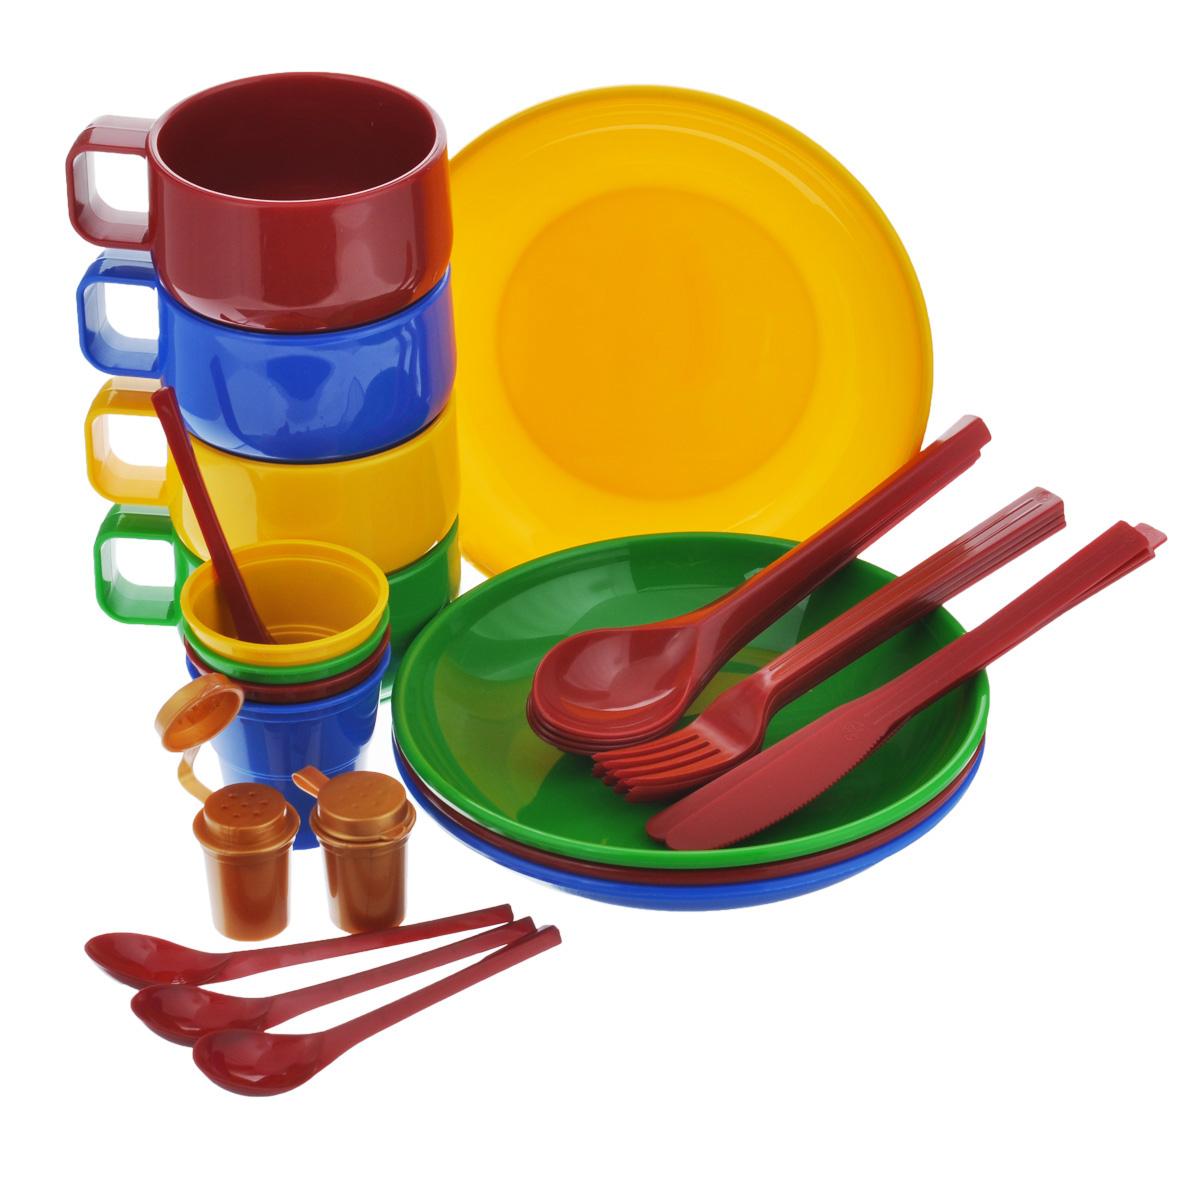 Набор посуды Solaris, на 4 персоны67742Компактный минималистичный набор посуды Solaris на 4 персоны, в удобной виниловой сумке с ручкой и молнией.Свойства посуды:Посуда из ударопрочного пищевого полипропилена предназначена для многократного использования. Легкая, прочная и износостойкая, экологически чистая, эта посуда работает в диапазоне температур от -25°С до +110°С. Можно мыть в посудомоечной машине. Эта посуда также обеспечивает:Хранение горячих и холодных пищевых продуктов;Разогрев продуктов в микроволновой печи;Приготовление пищи в микроволновой печи на пару (пароварка);Хранение продуктов в холодильной и морозильной камере;Кипячение воды с помощью электрокипятильника.Комплектация набора на 4 персоны:4 тарелки;4 чашки объемом 0,28 л;4 стакана с мерными делениями объемом 0,1 л;4 вилки;4 столовых ложки;4 ножа;4 чайные ложки;2 солонки.Диаметр тарелок: 19 см.Высота тарелок: 3 см.Высота стаканов: 6,3 см.Диаметр стаканов: 6,5 см.Высота чашек: 6,5 см.Диаметр чашек: 9,5 см.Длина вилок: 19 см.Длина ложек: 19 см.Длина ножей: 19 см.Длина чайных ложек: 13,5 см.